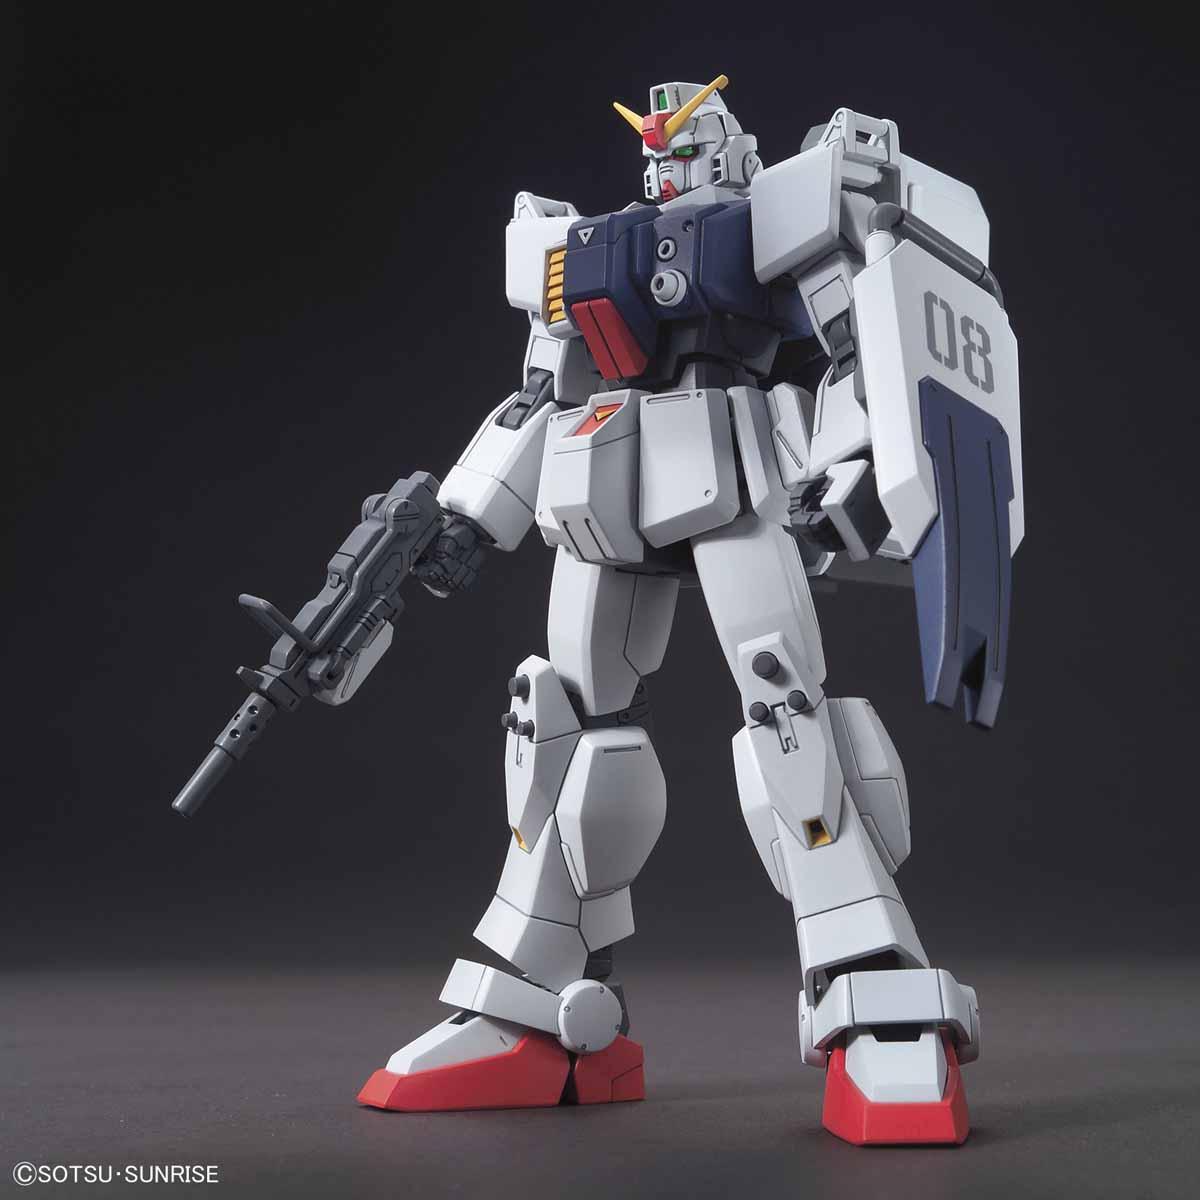 RX-79[G] 陸戦型ガンダム [Gundam Ground Type]